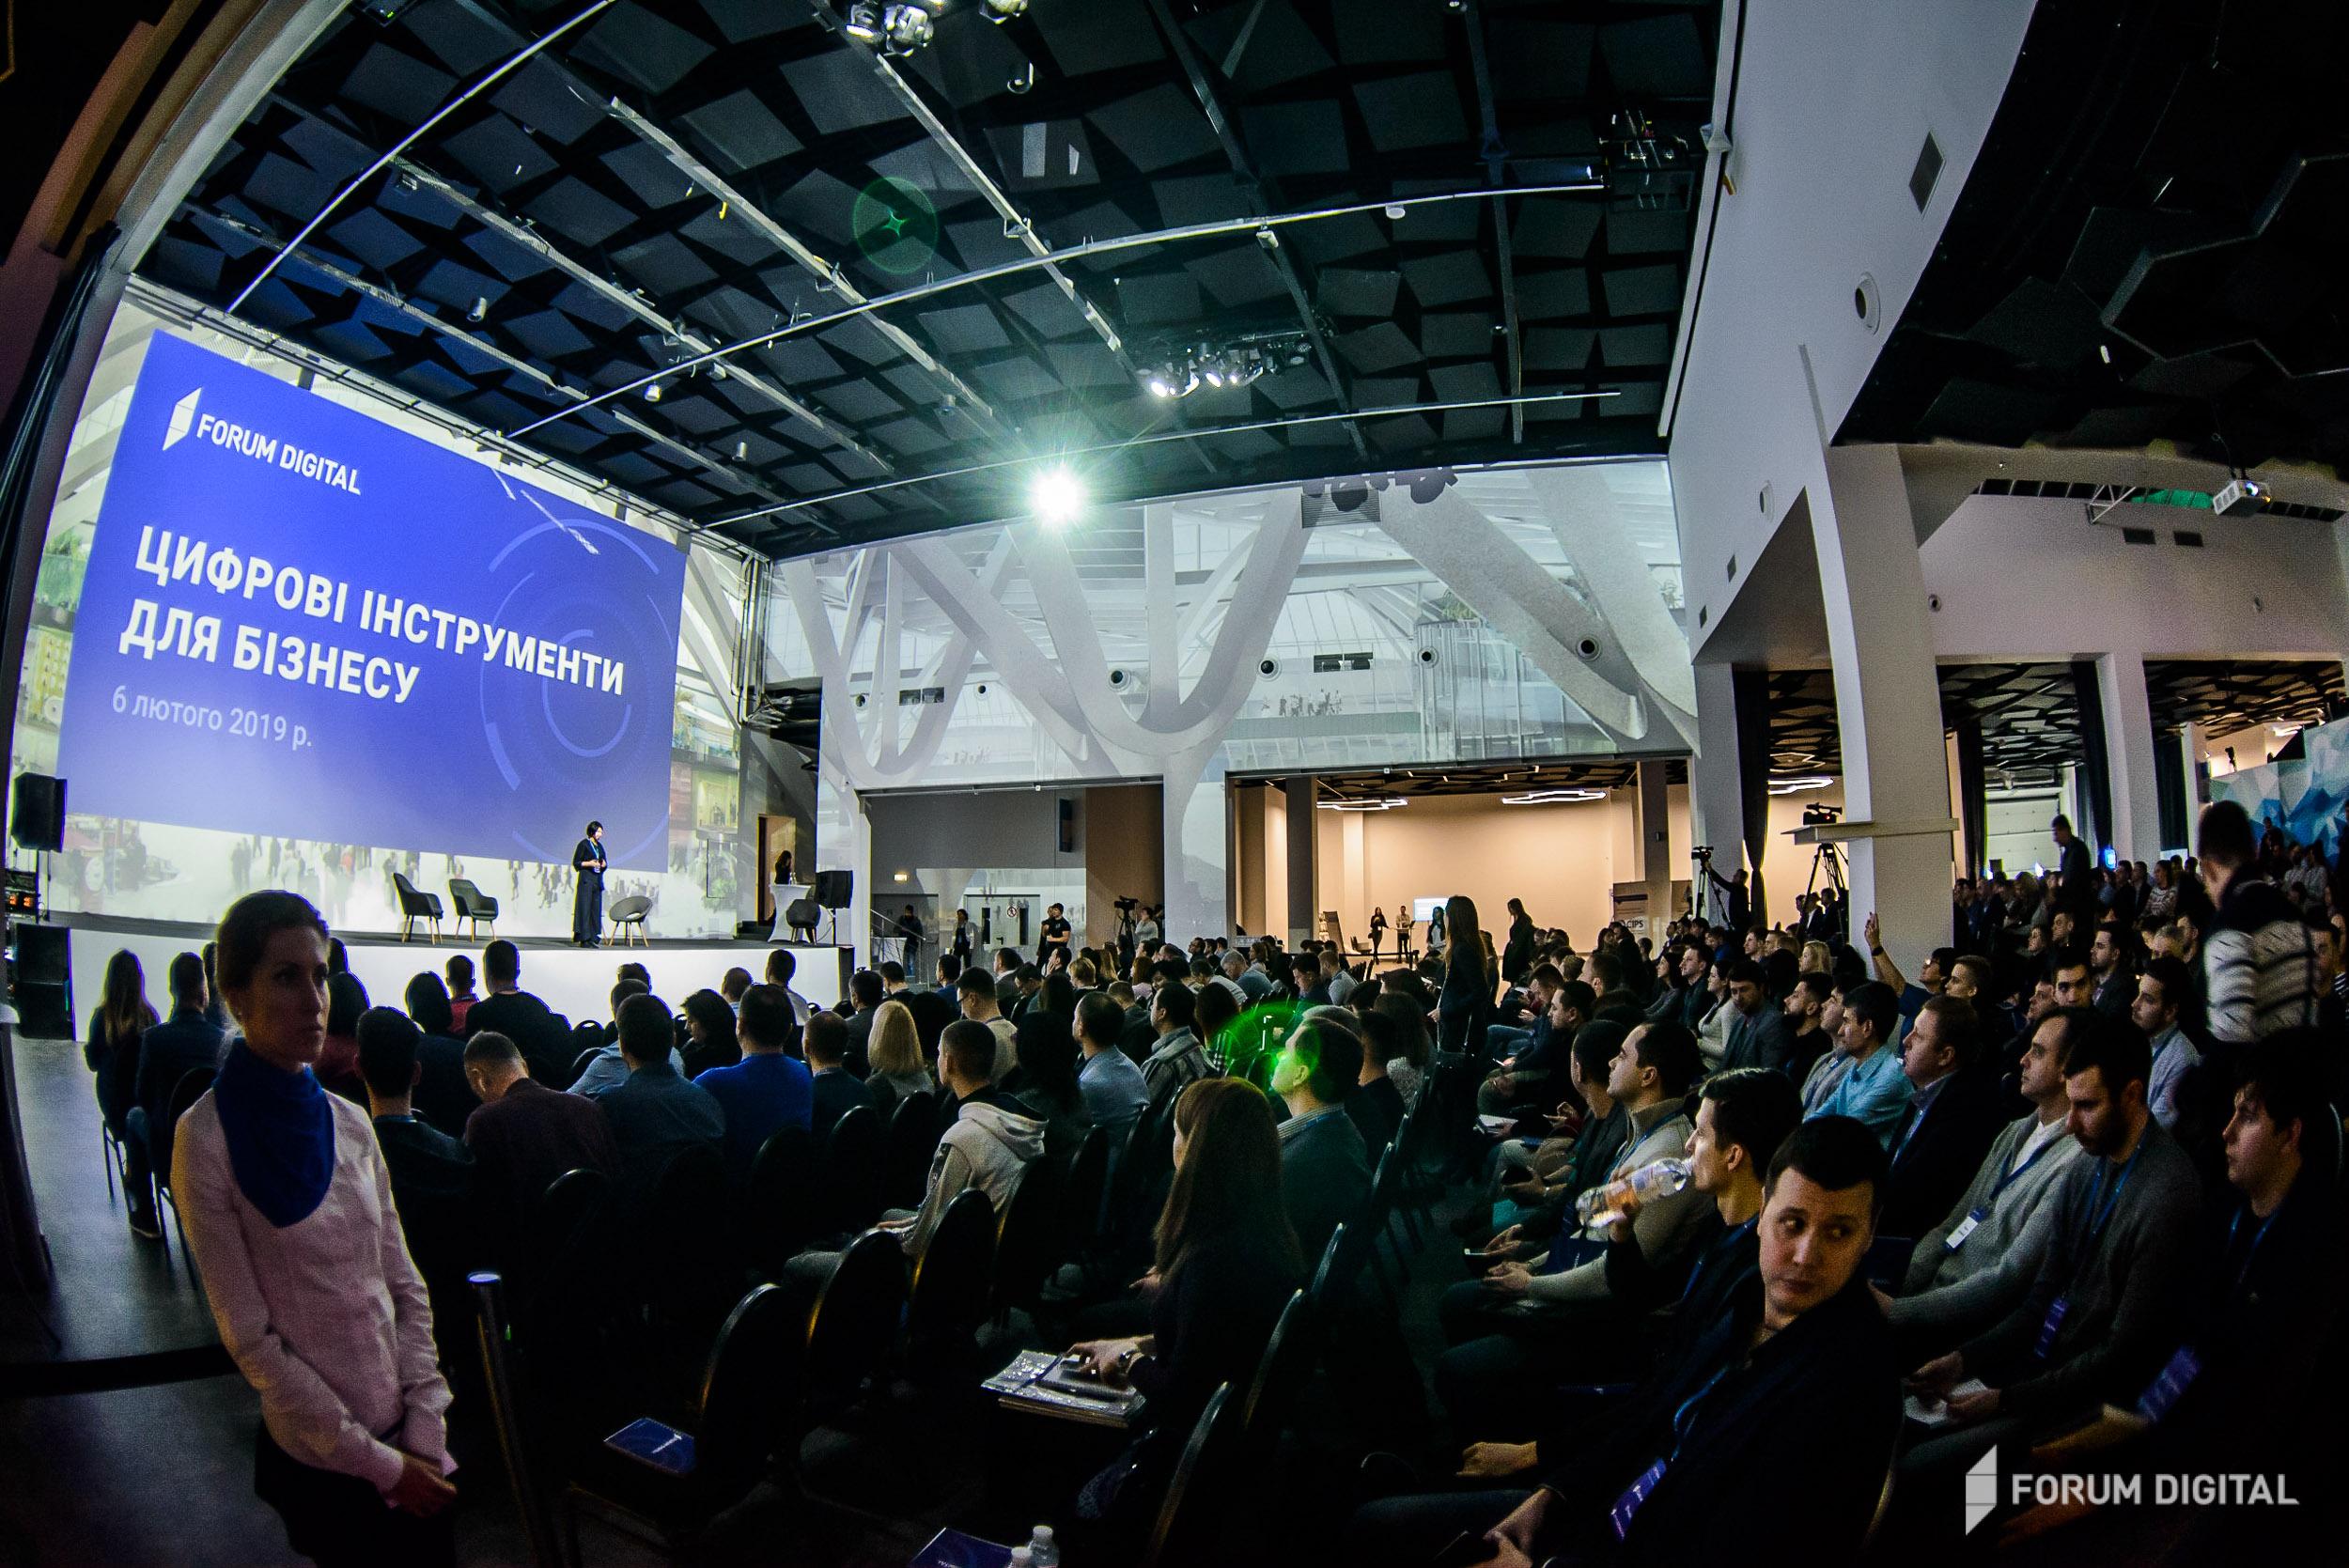 Forum Digital: бізнес в Україні готовий до цифрового прориву